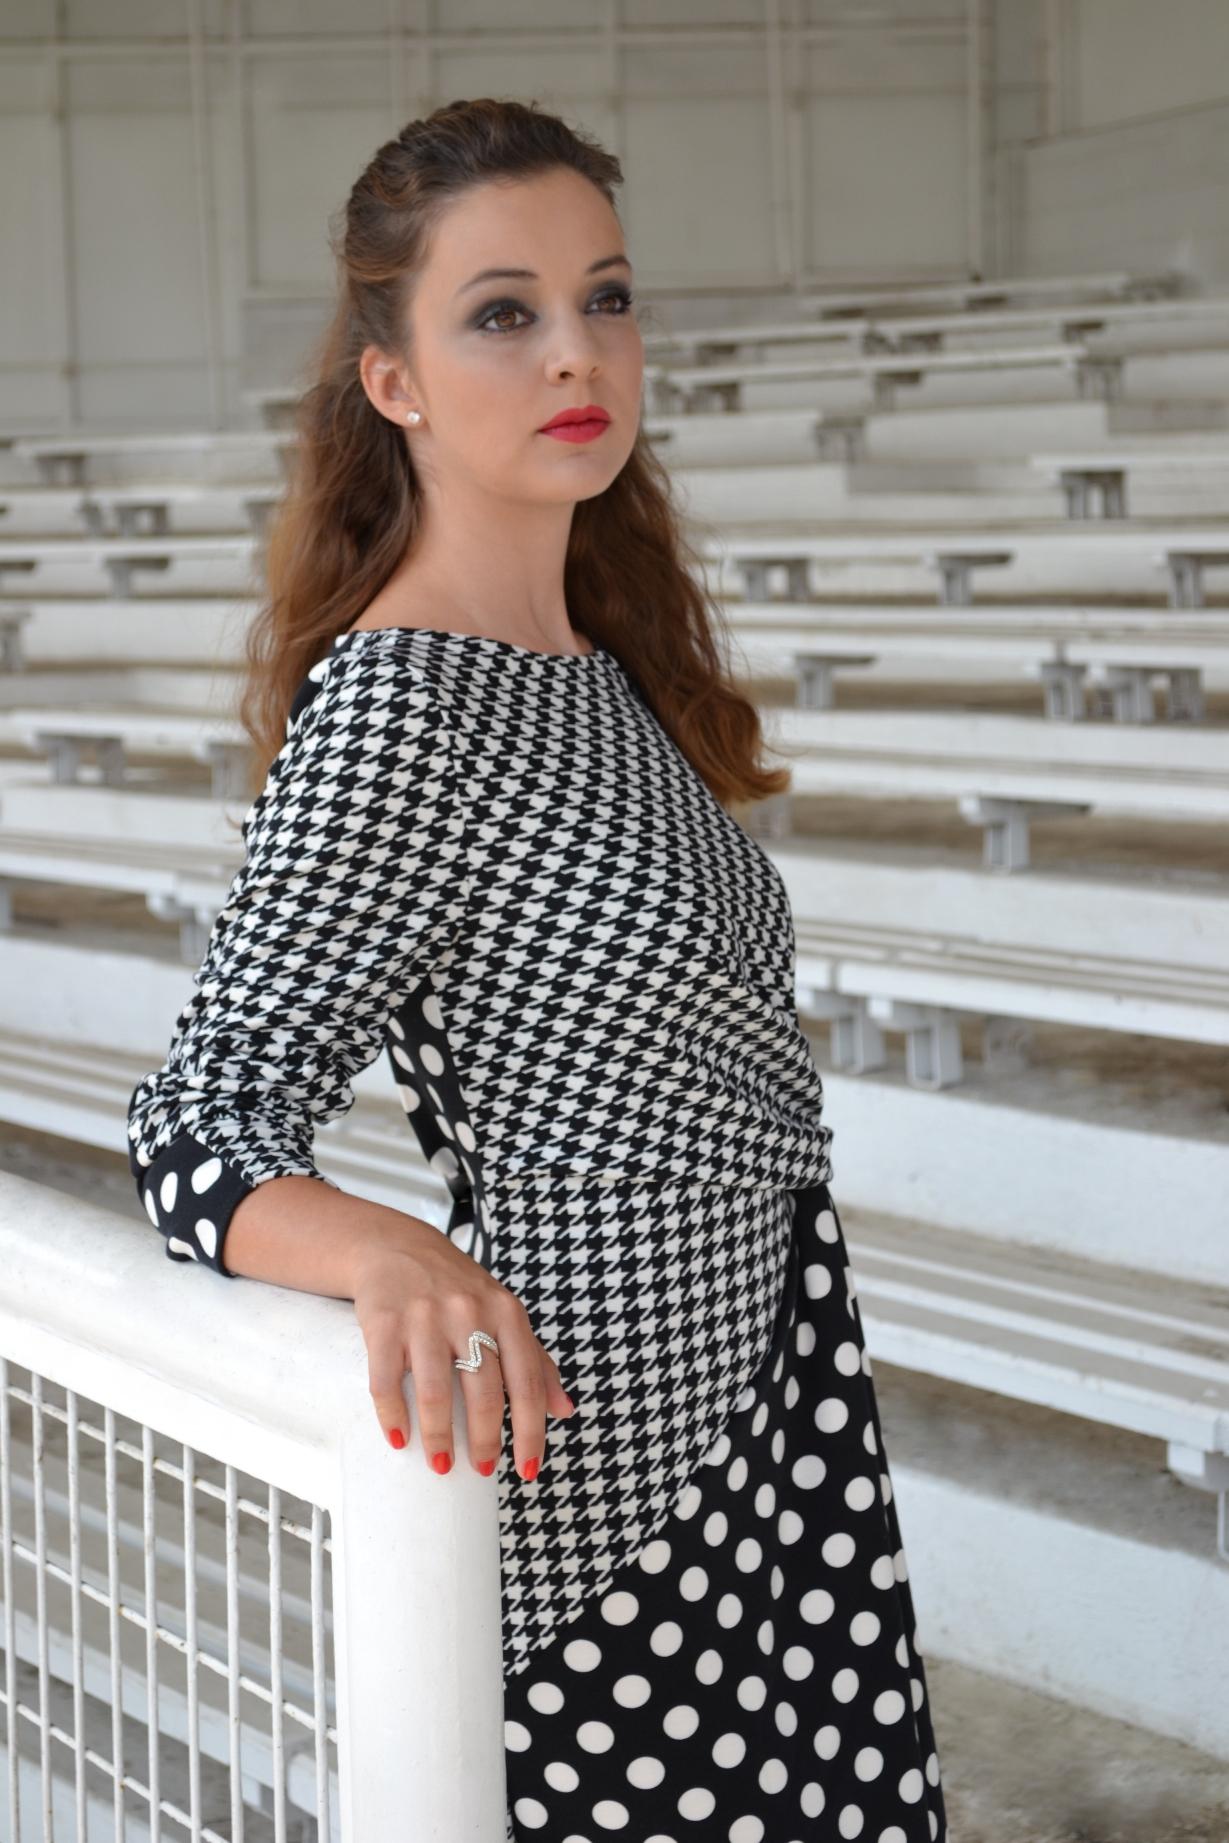 Fotografie pro model – Dlouhé černobílé šaty puntík apepito